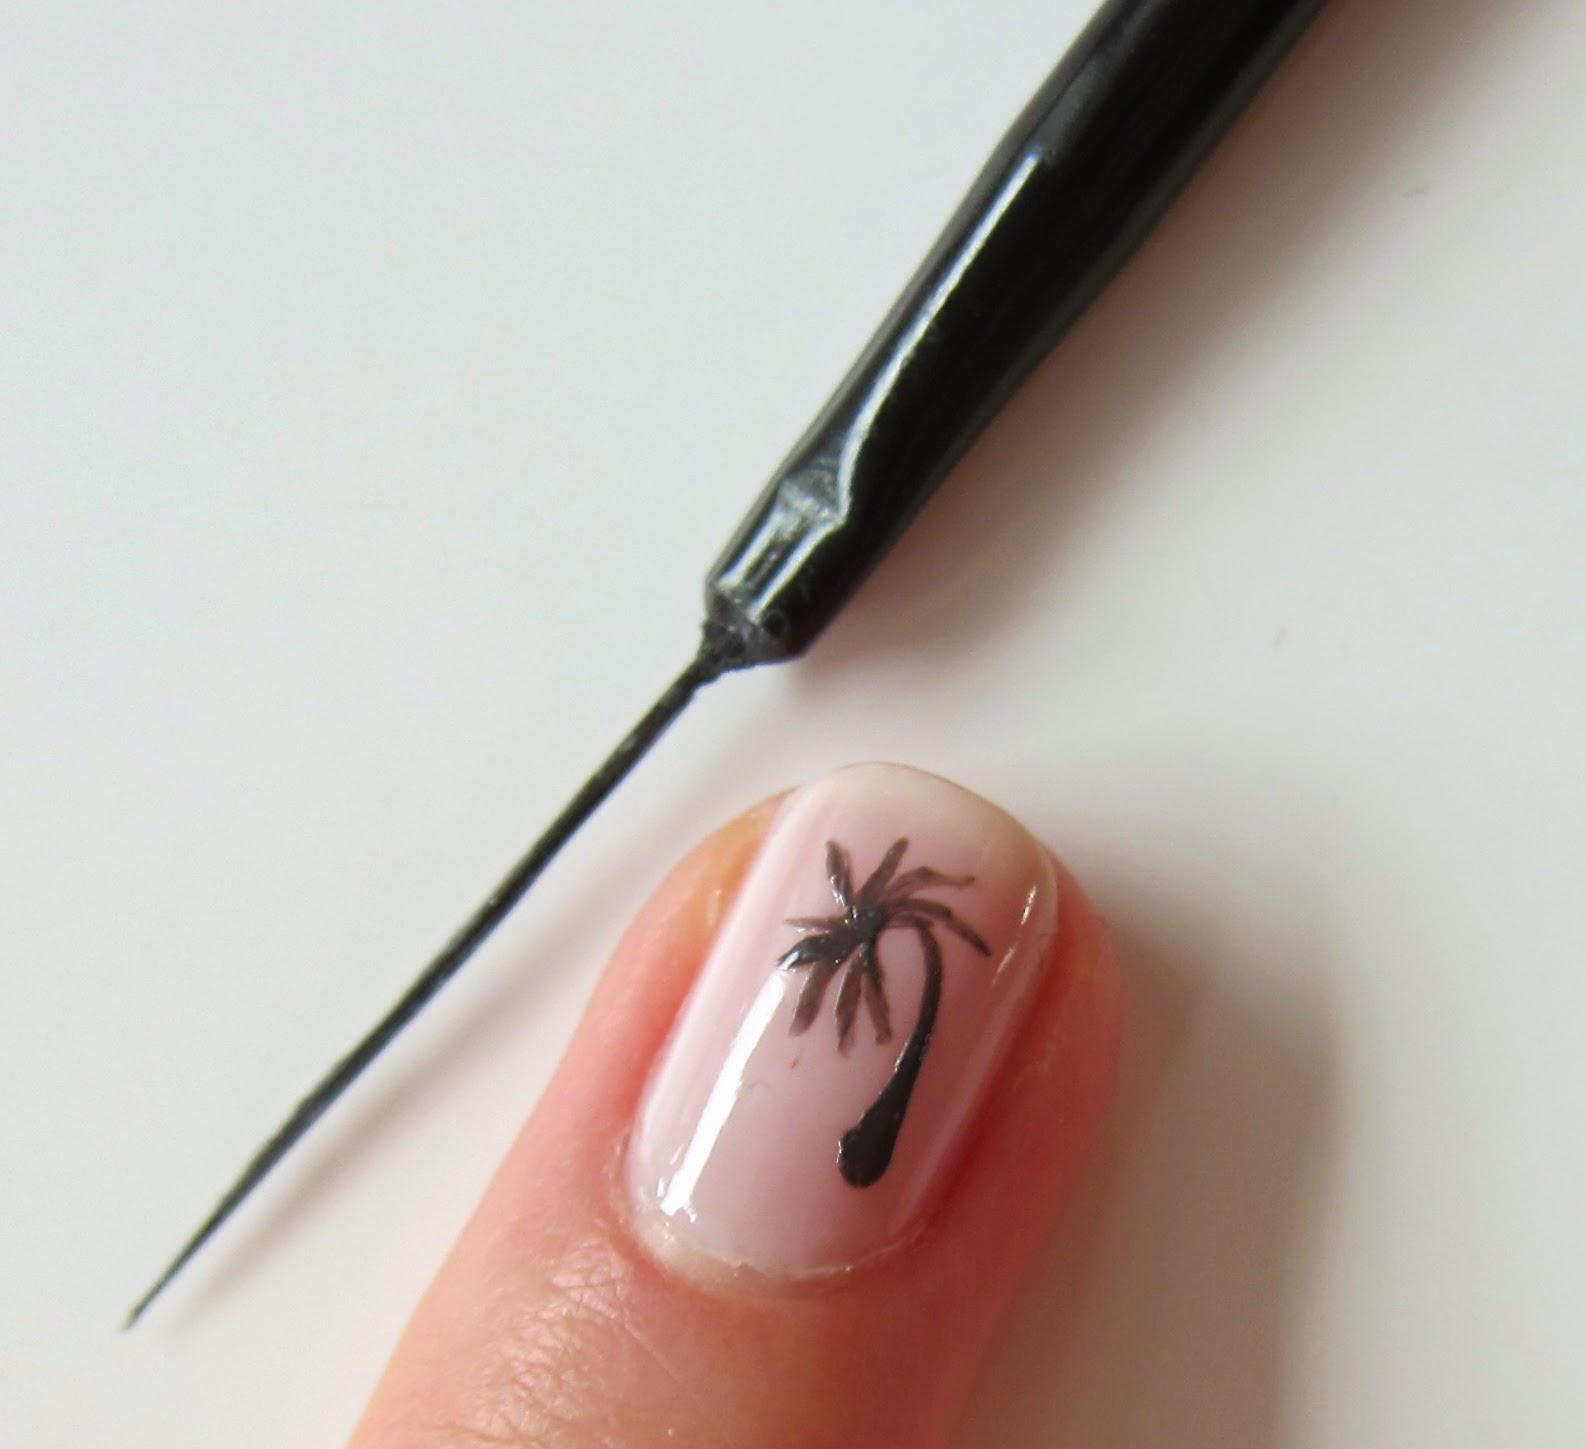 Swiss BeautyTalk: Essence Nail Art Tools